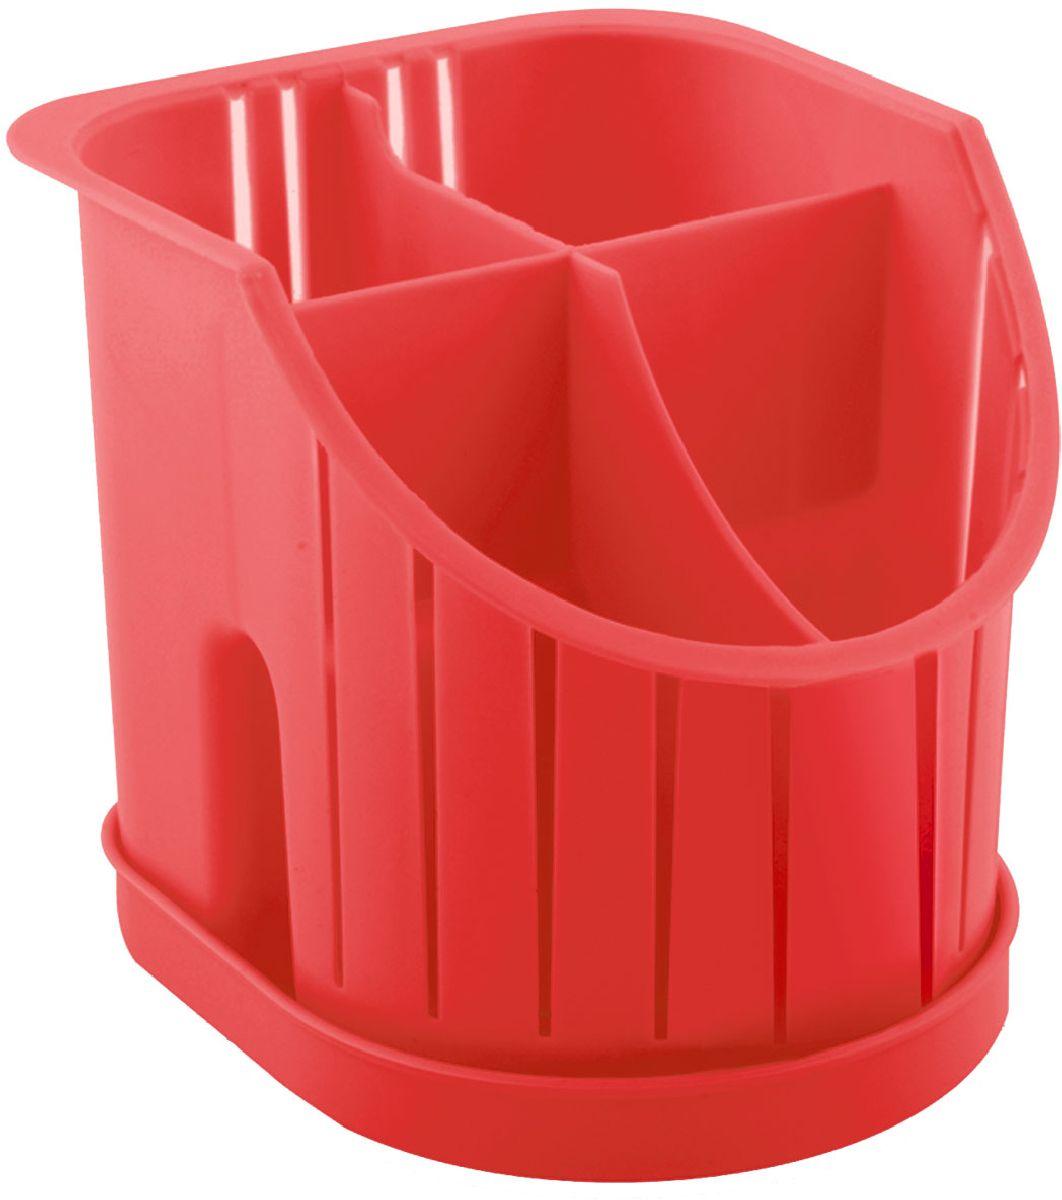 Сушилка для столовых приборов Plastic Centre, 4-секционная, цвет: красный, 16 х 14,2 х 12,8 смВетерок 2ГФСушилка для столовых приборов пригодится на любой кухне. Четыре секции позволят сушить или хранить столовые приборы по отдельности (ножи, вилки, ложки и т.п.). Сушилка снабжена поддоном.Размер сушилки: 16 х 14,2 х 12,8 см.